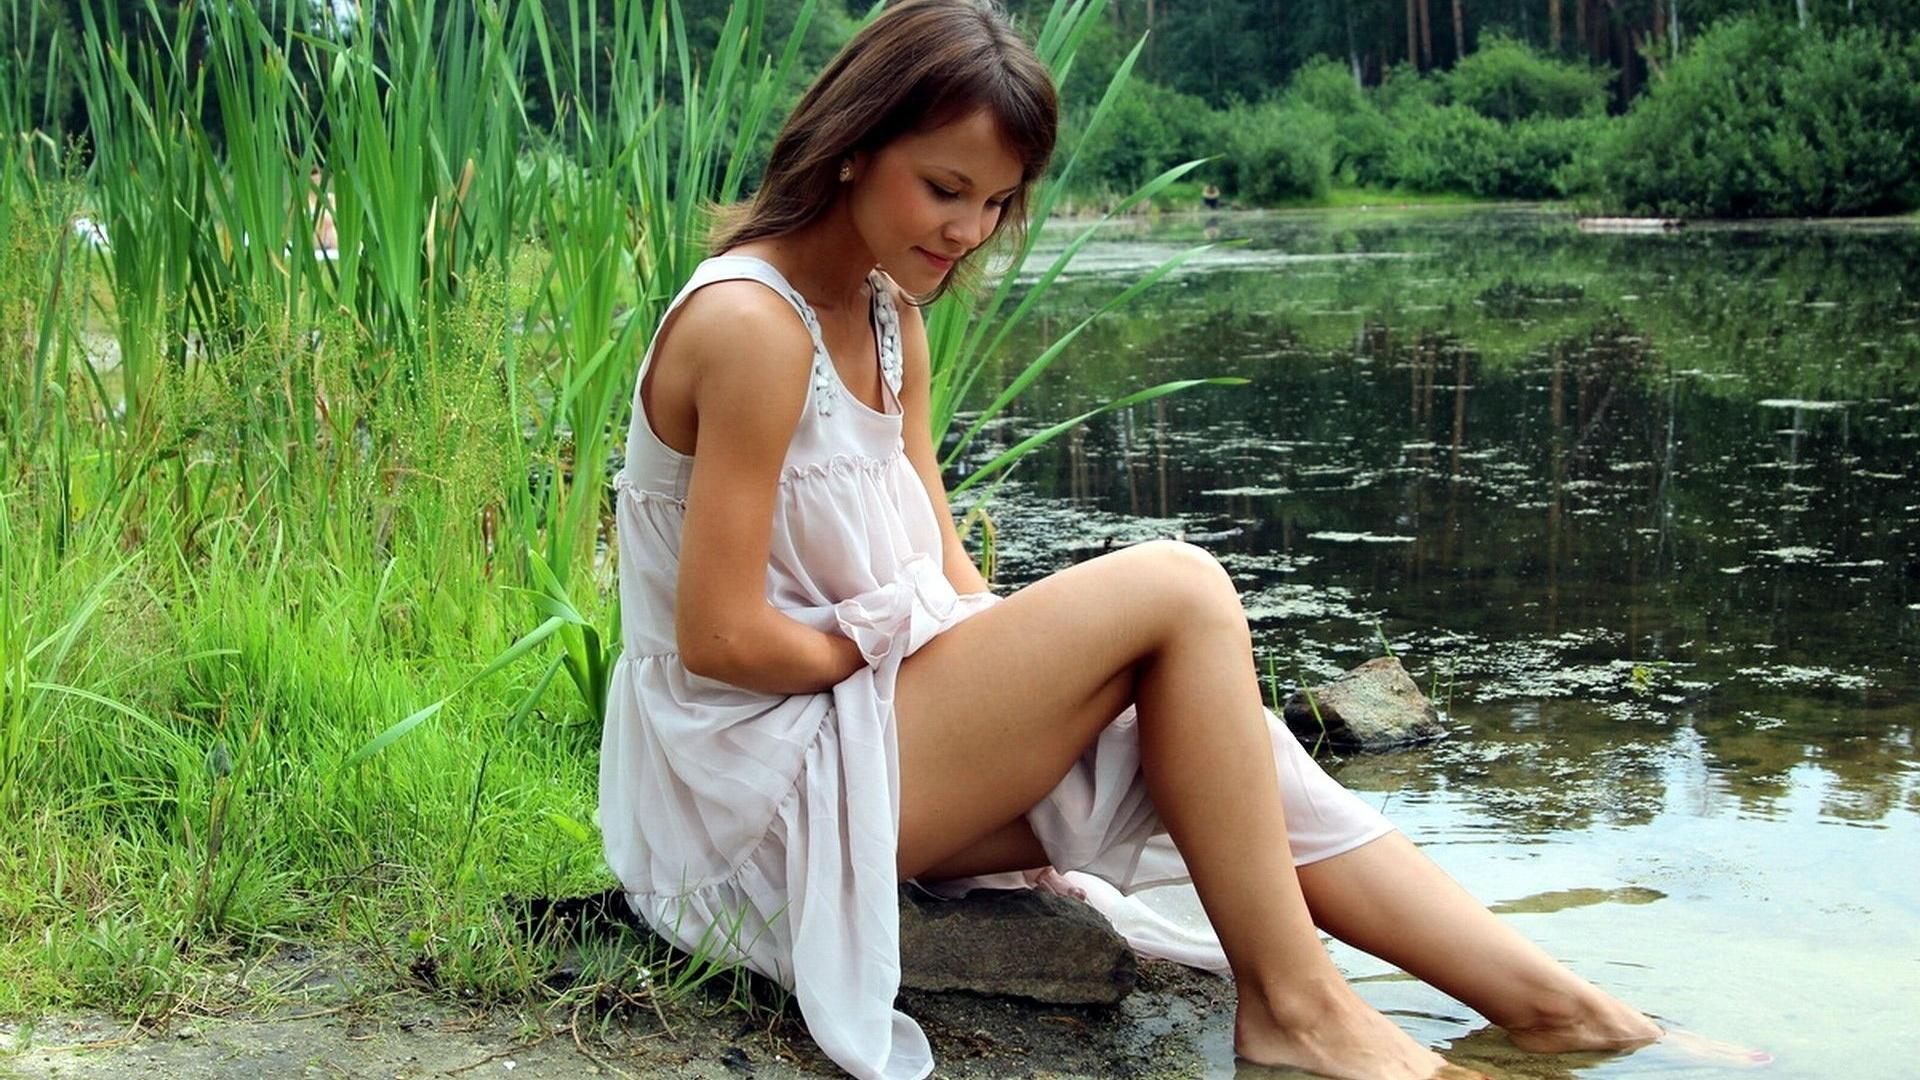 кажется, видео дамы на природе очаровашка, юная красотка